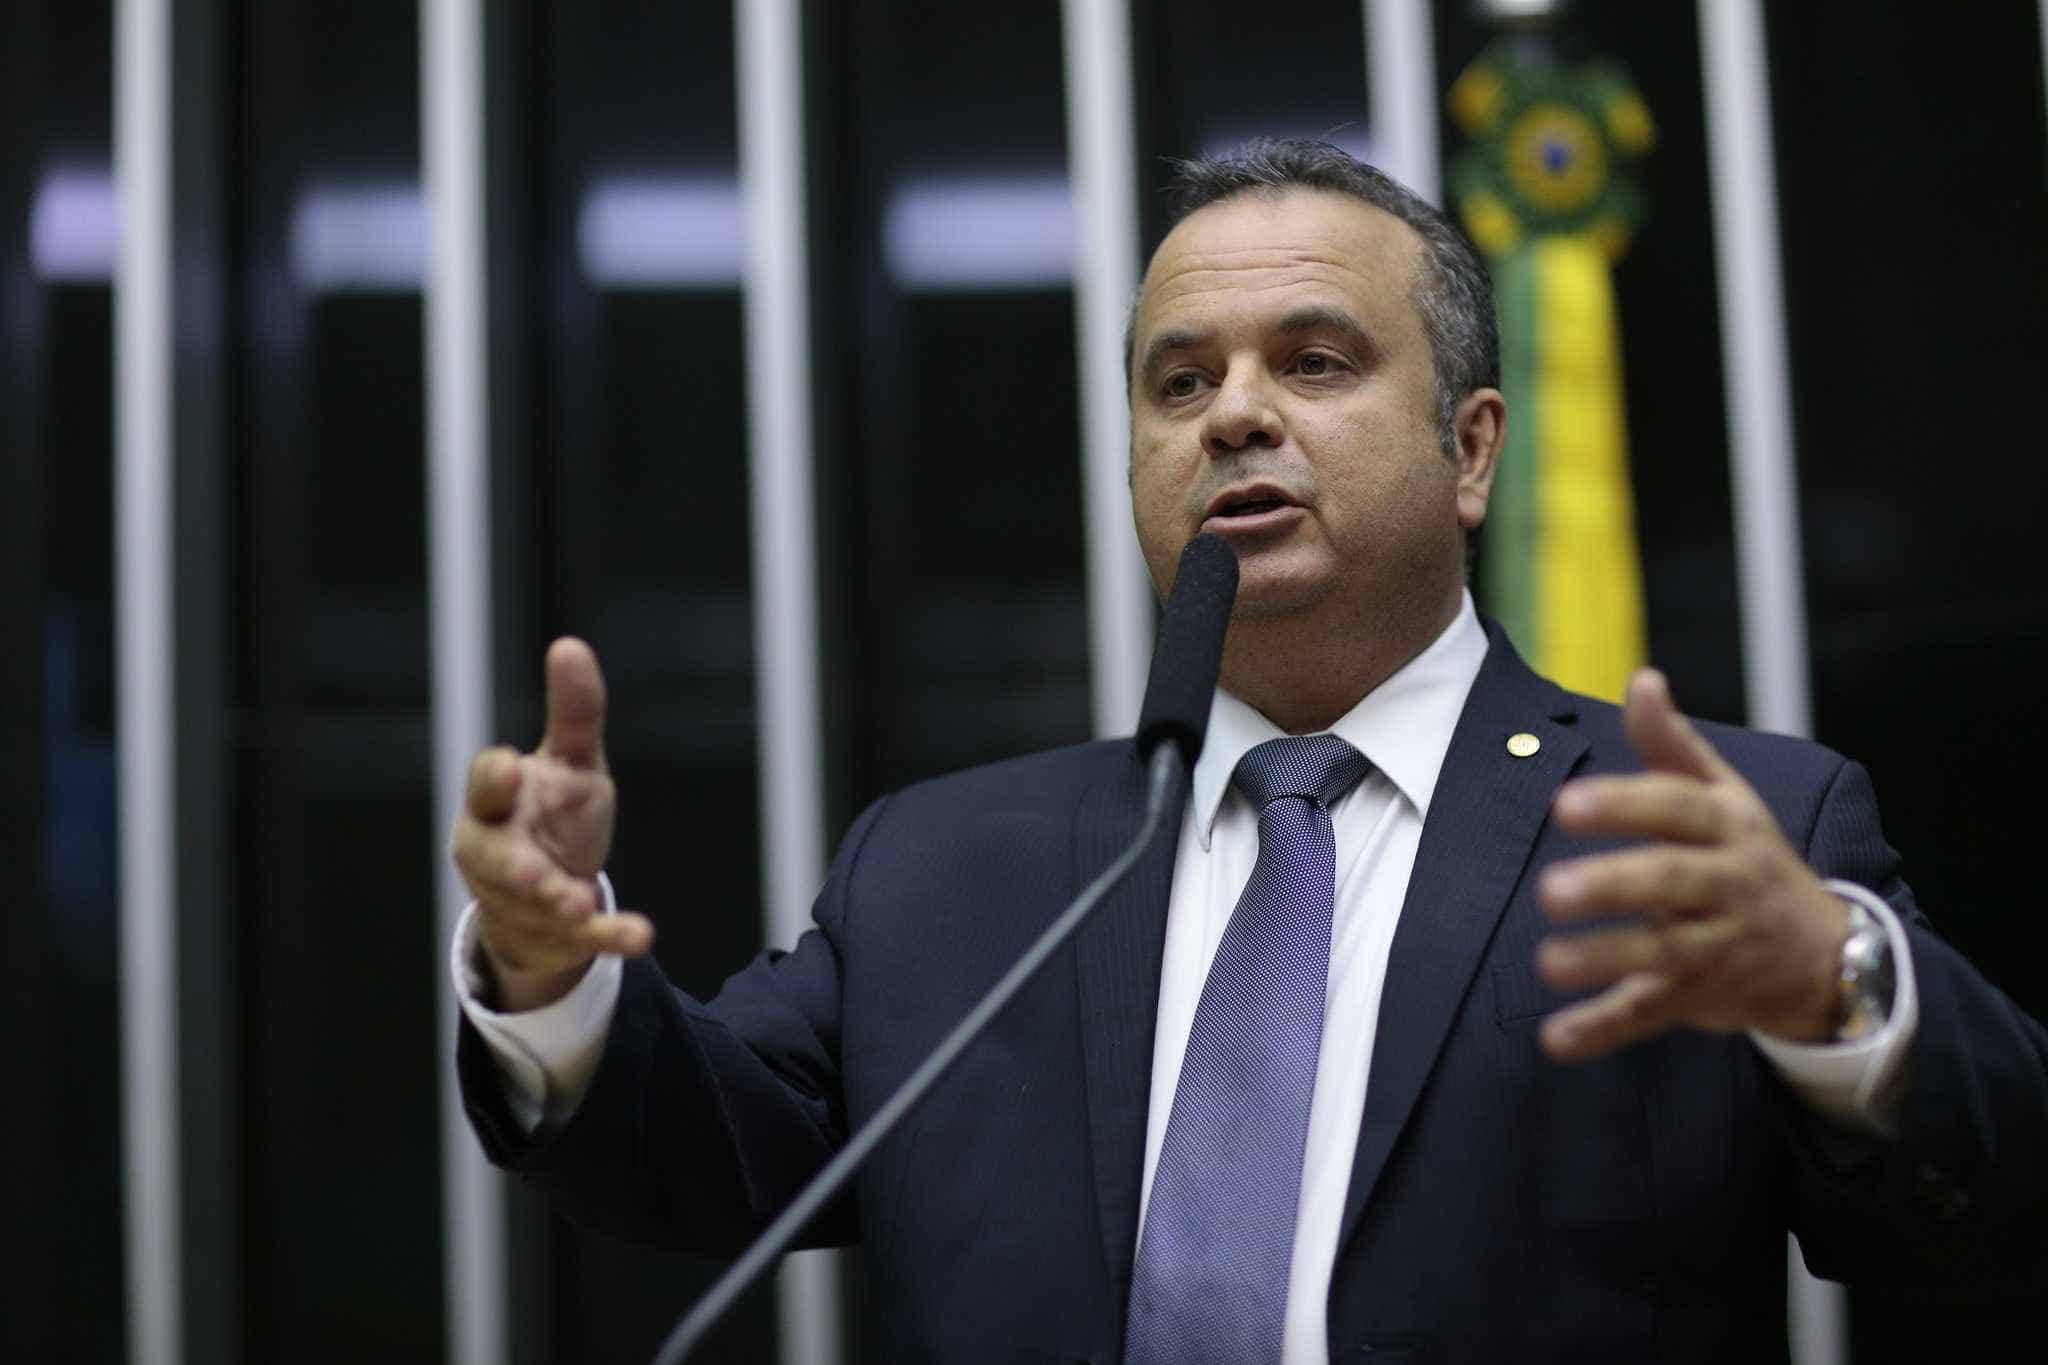 Governo apresentará nesta quinta dados da Previdência, diz Marinho